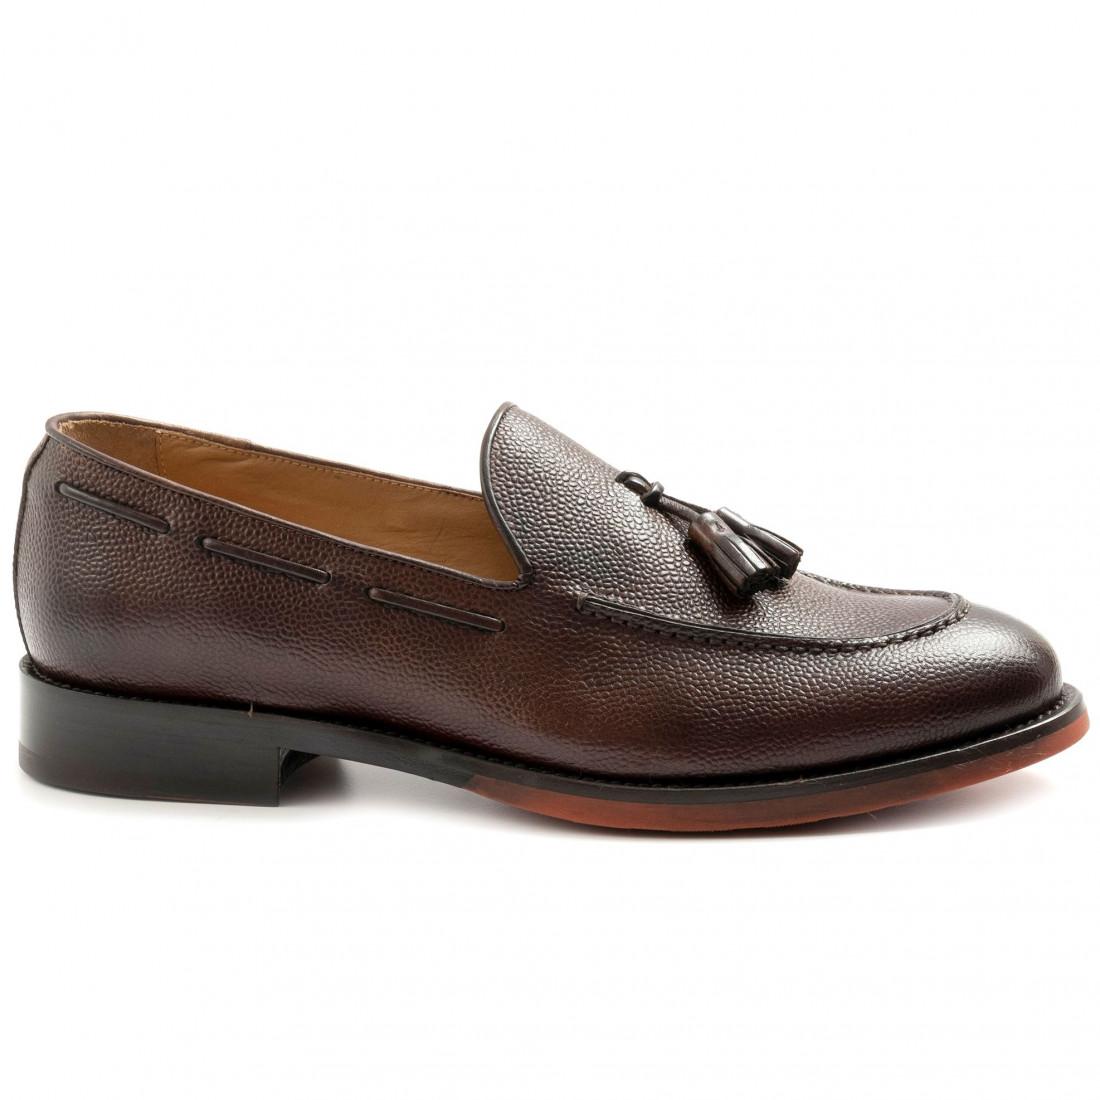 loafers man brecos 9849scozzina tdm 7954